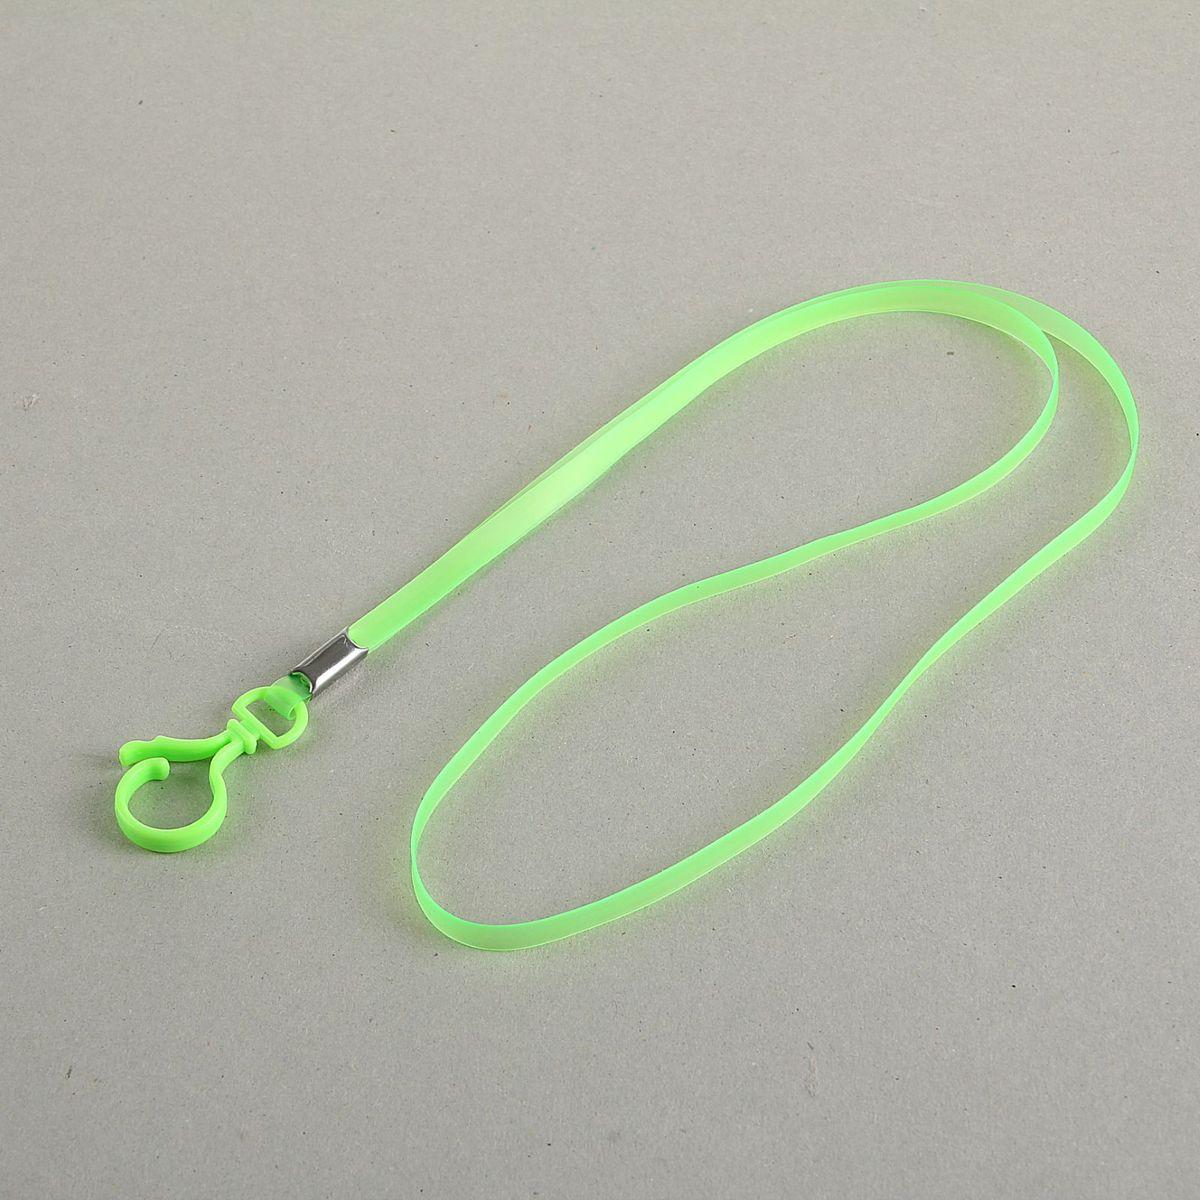 Лента для бейджа длина 38 см ширина 5 мм цвет зеленый 1965014